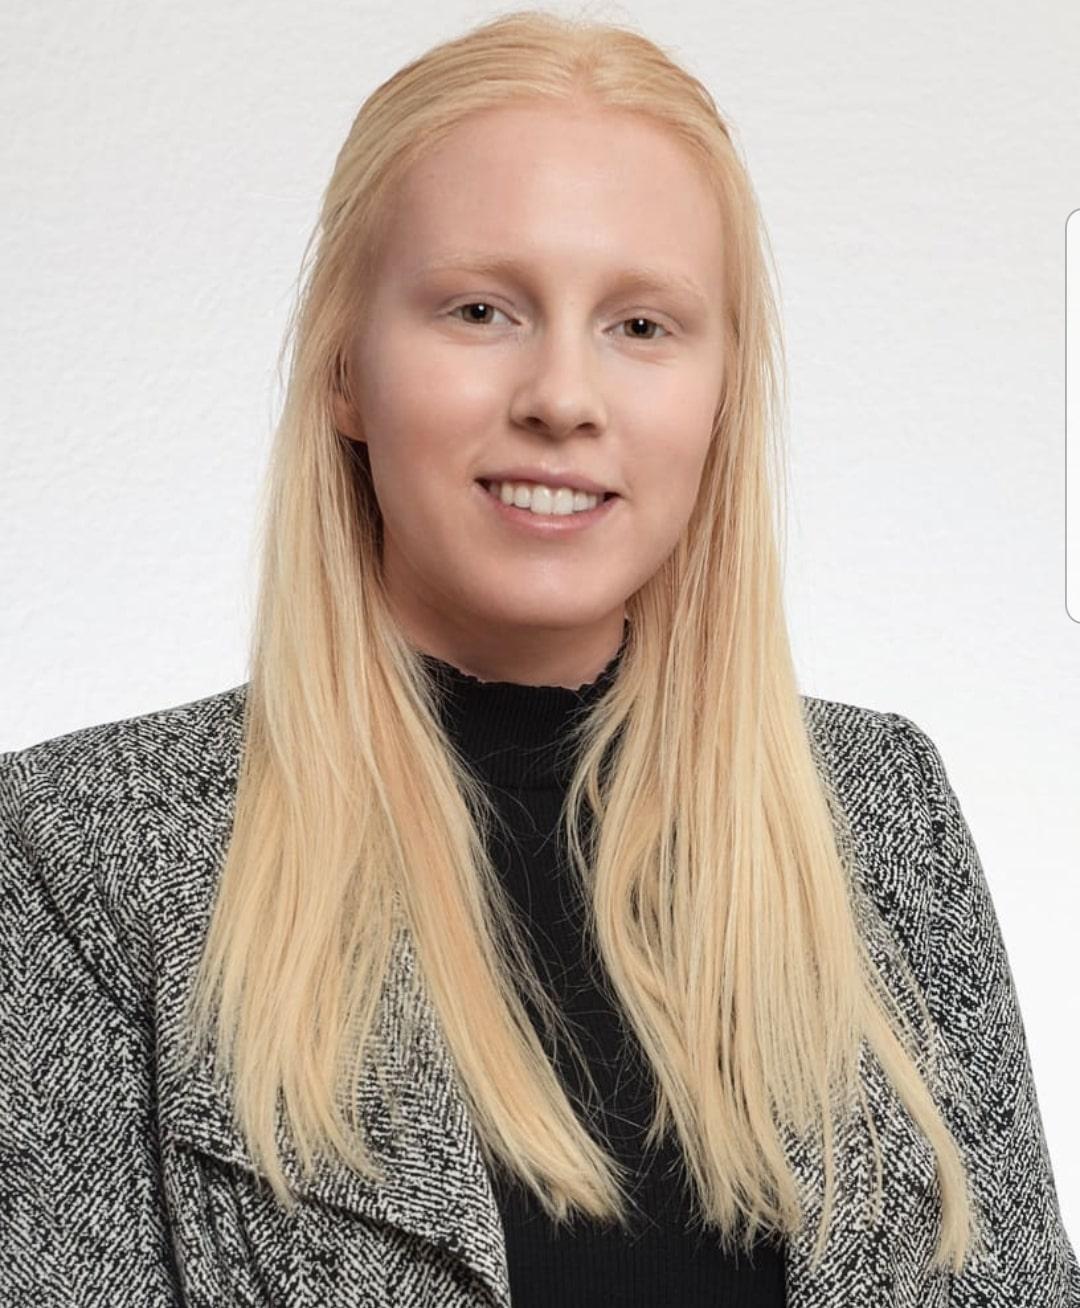 Brittany Schwartz